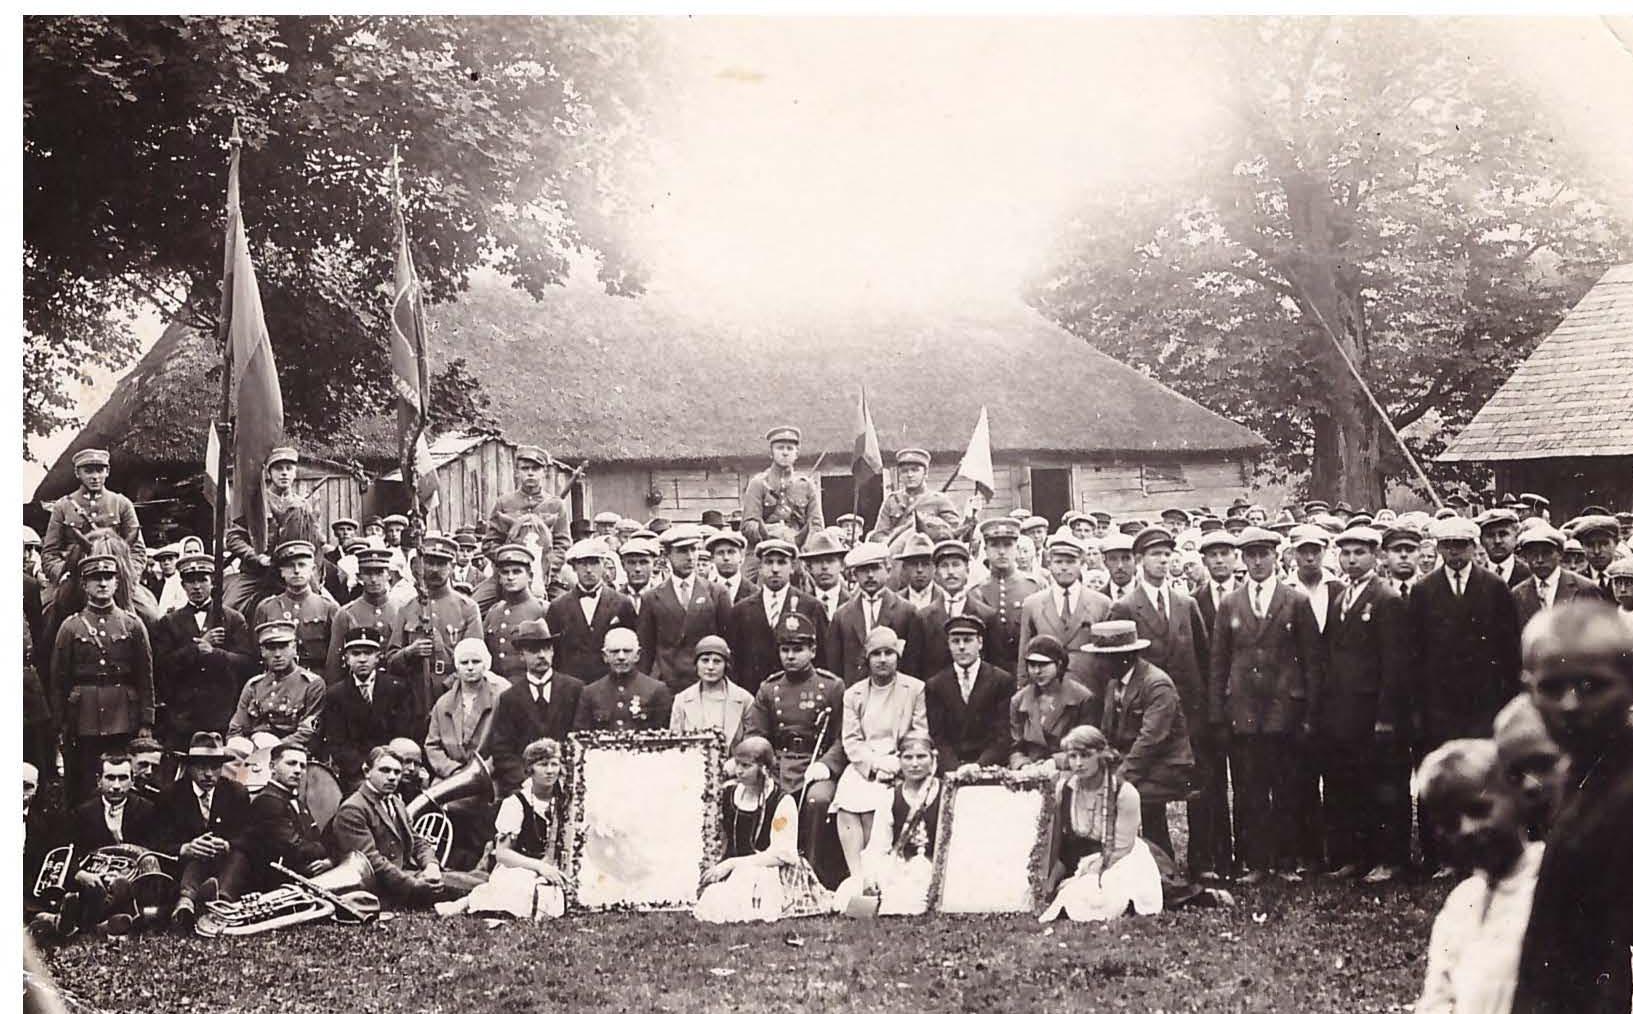 Mosėdis, 1930 m. Vytauto Didžiojo paveikslo nešimas per Lietuvos miestelius 500 metų sukakties proga | Asmeninė nuotr.